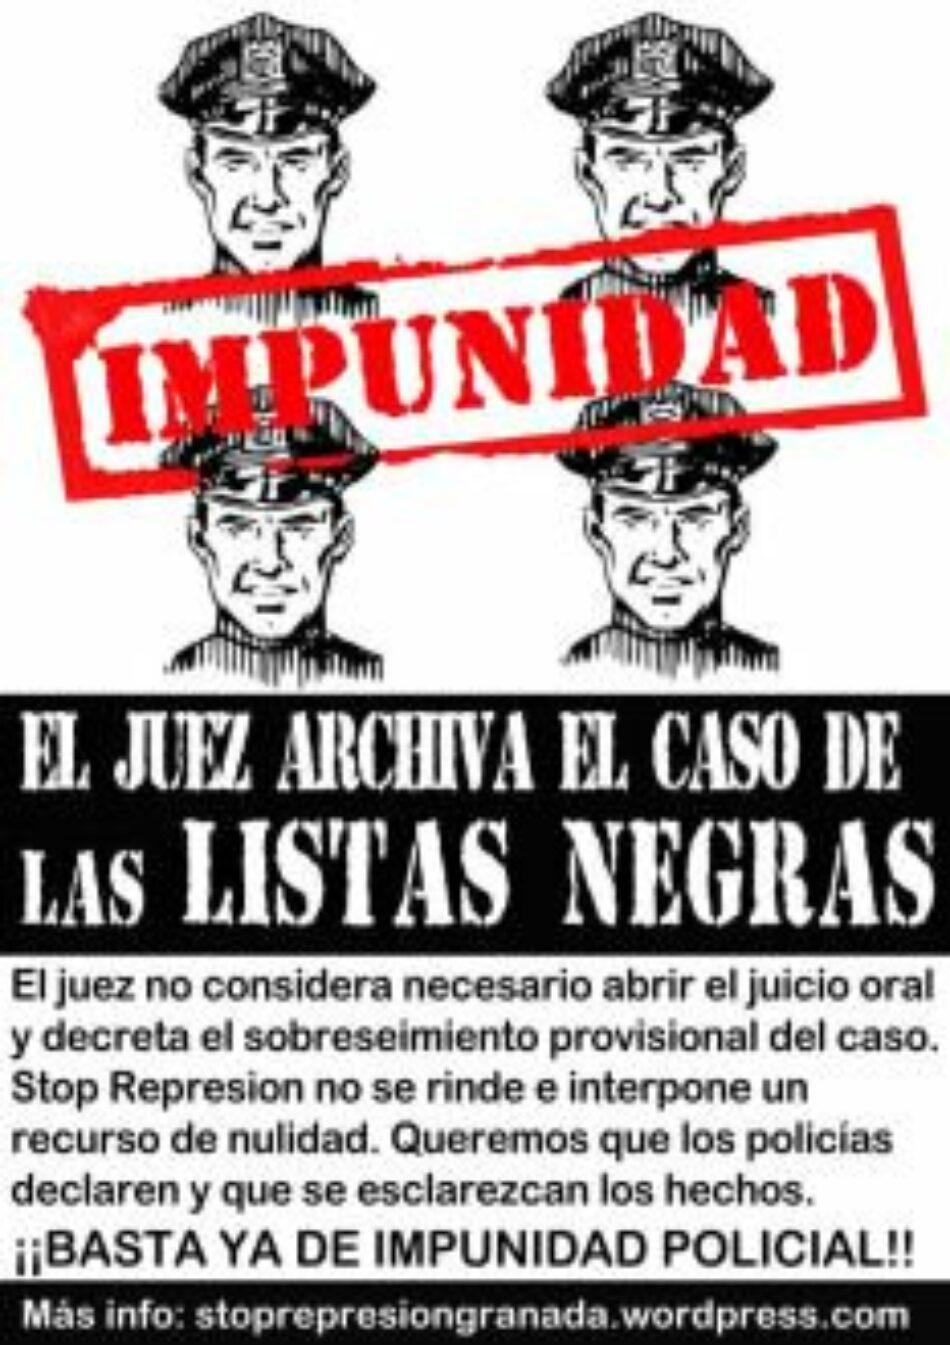 Archivo provisional del caso de los policias nacionales imputados por el supuesto uso de archivos ilegales